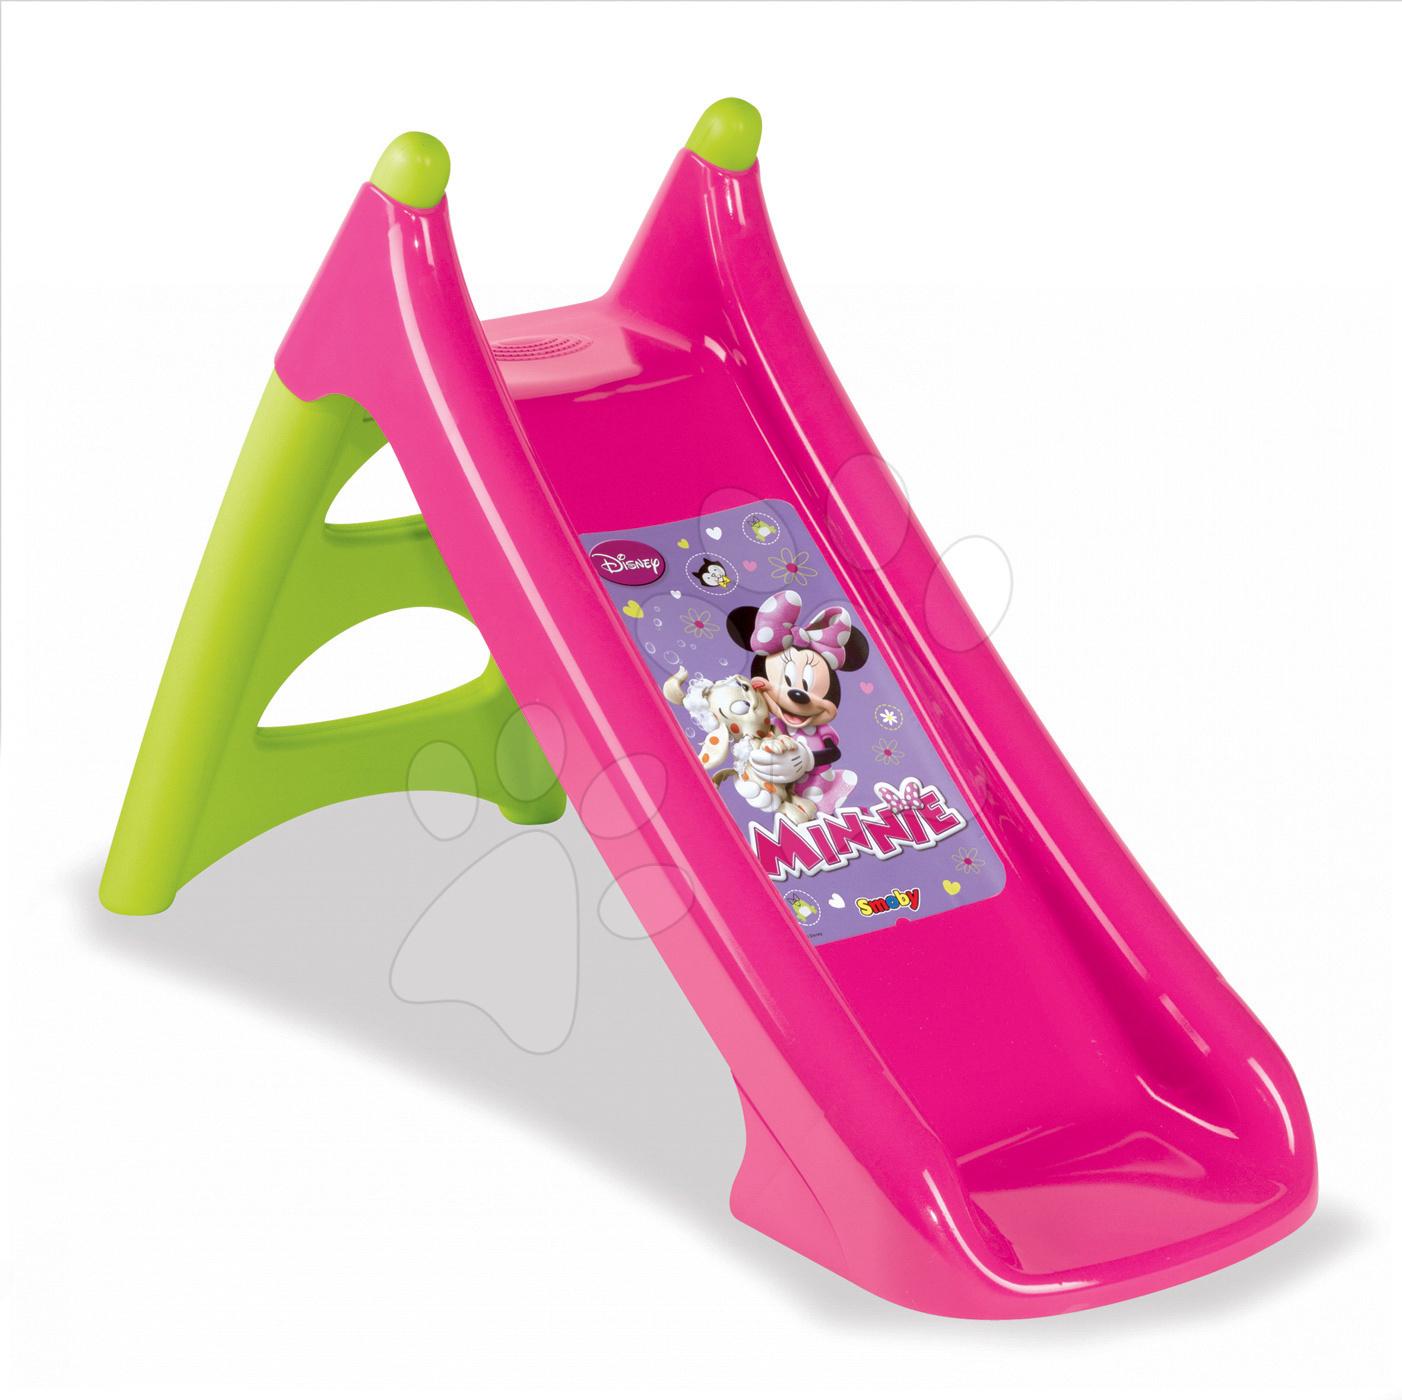 Skluzavka Minnie Mouse Smoby 90 cm Toboggan XS s vodou od 24 měsíců